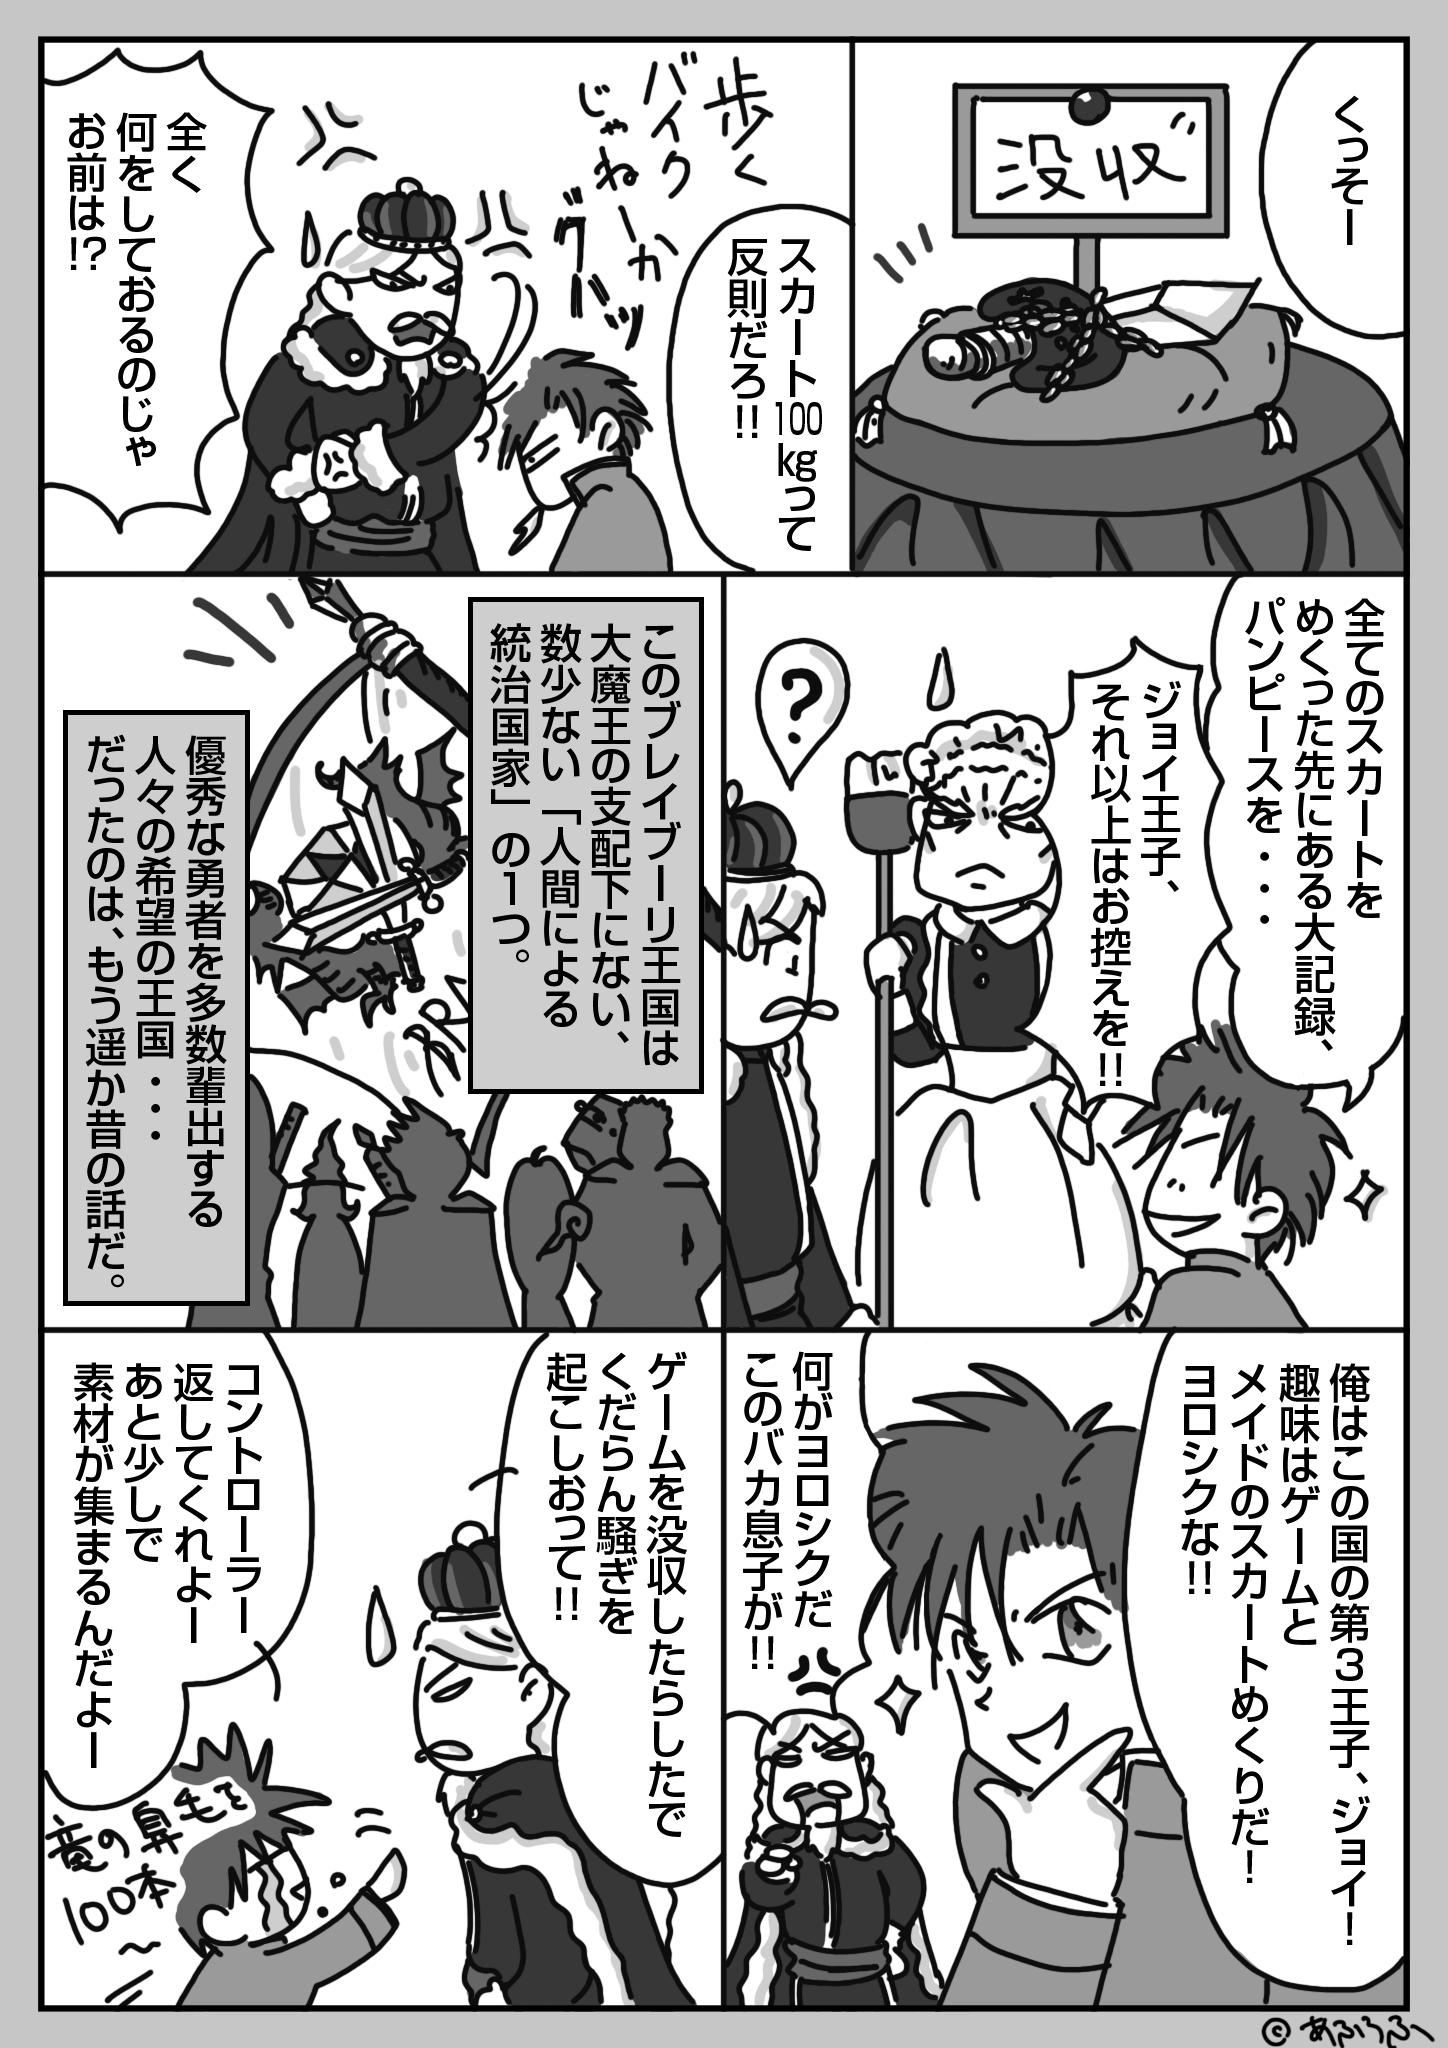 2話(4)『Say YES to new adventures! 〜追い出された勇者〜』